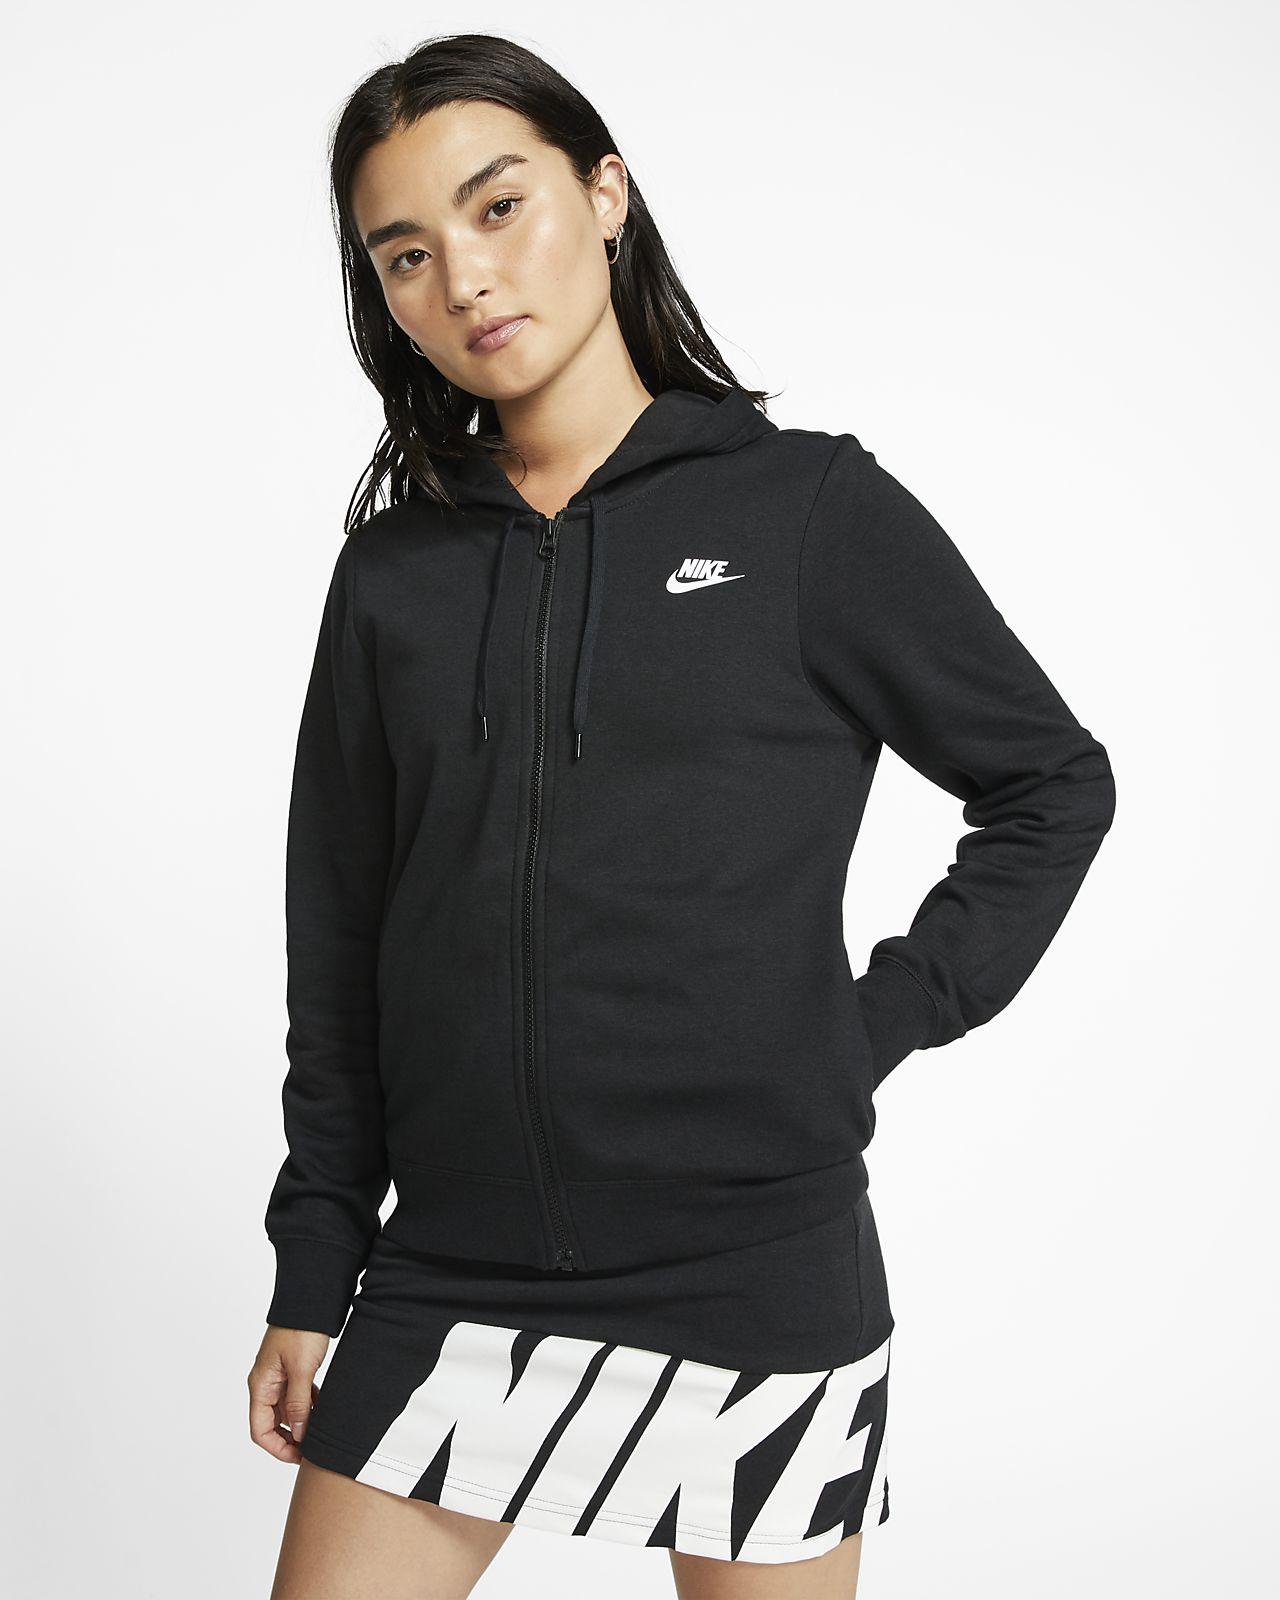 nike 1/4 zip hoodie women's